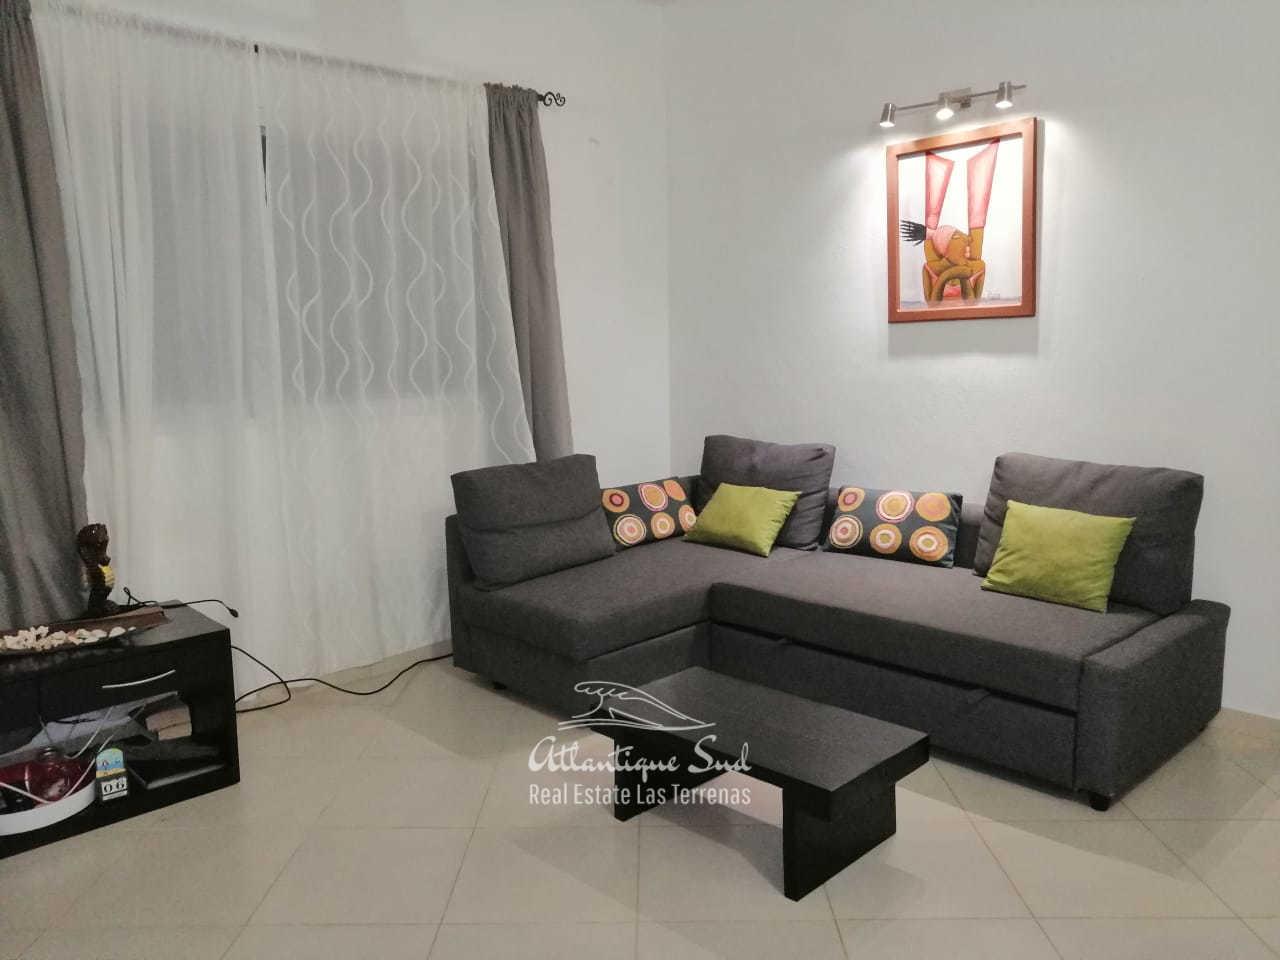 Condo for sale Punta Popy Las Terrenas32.jpg